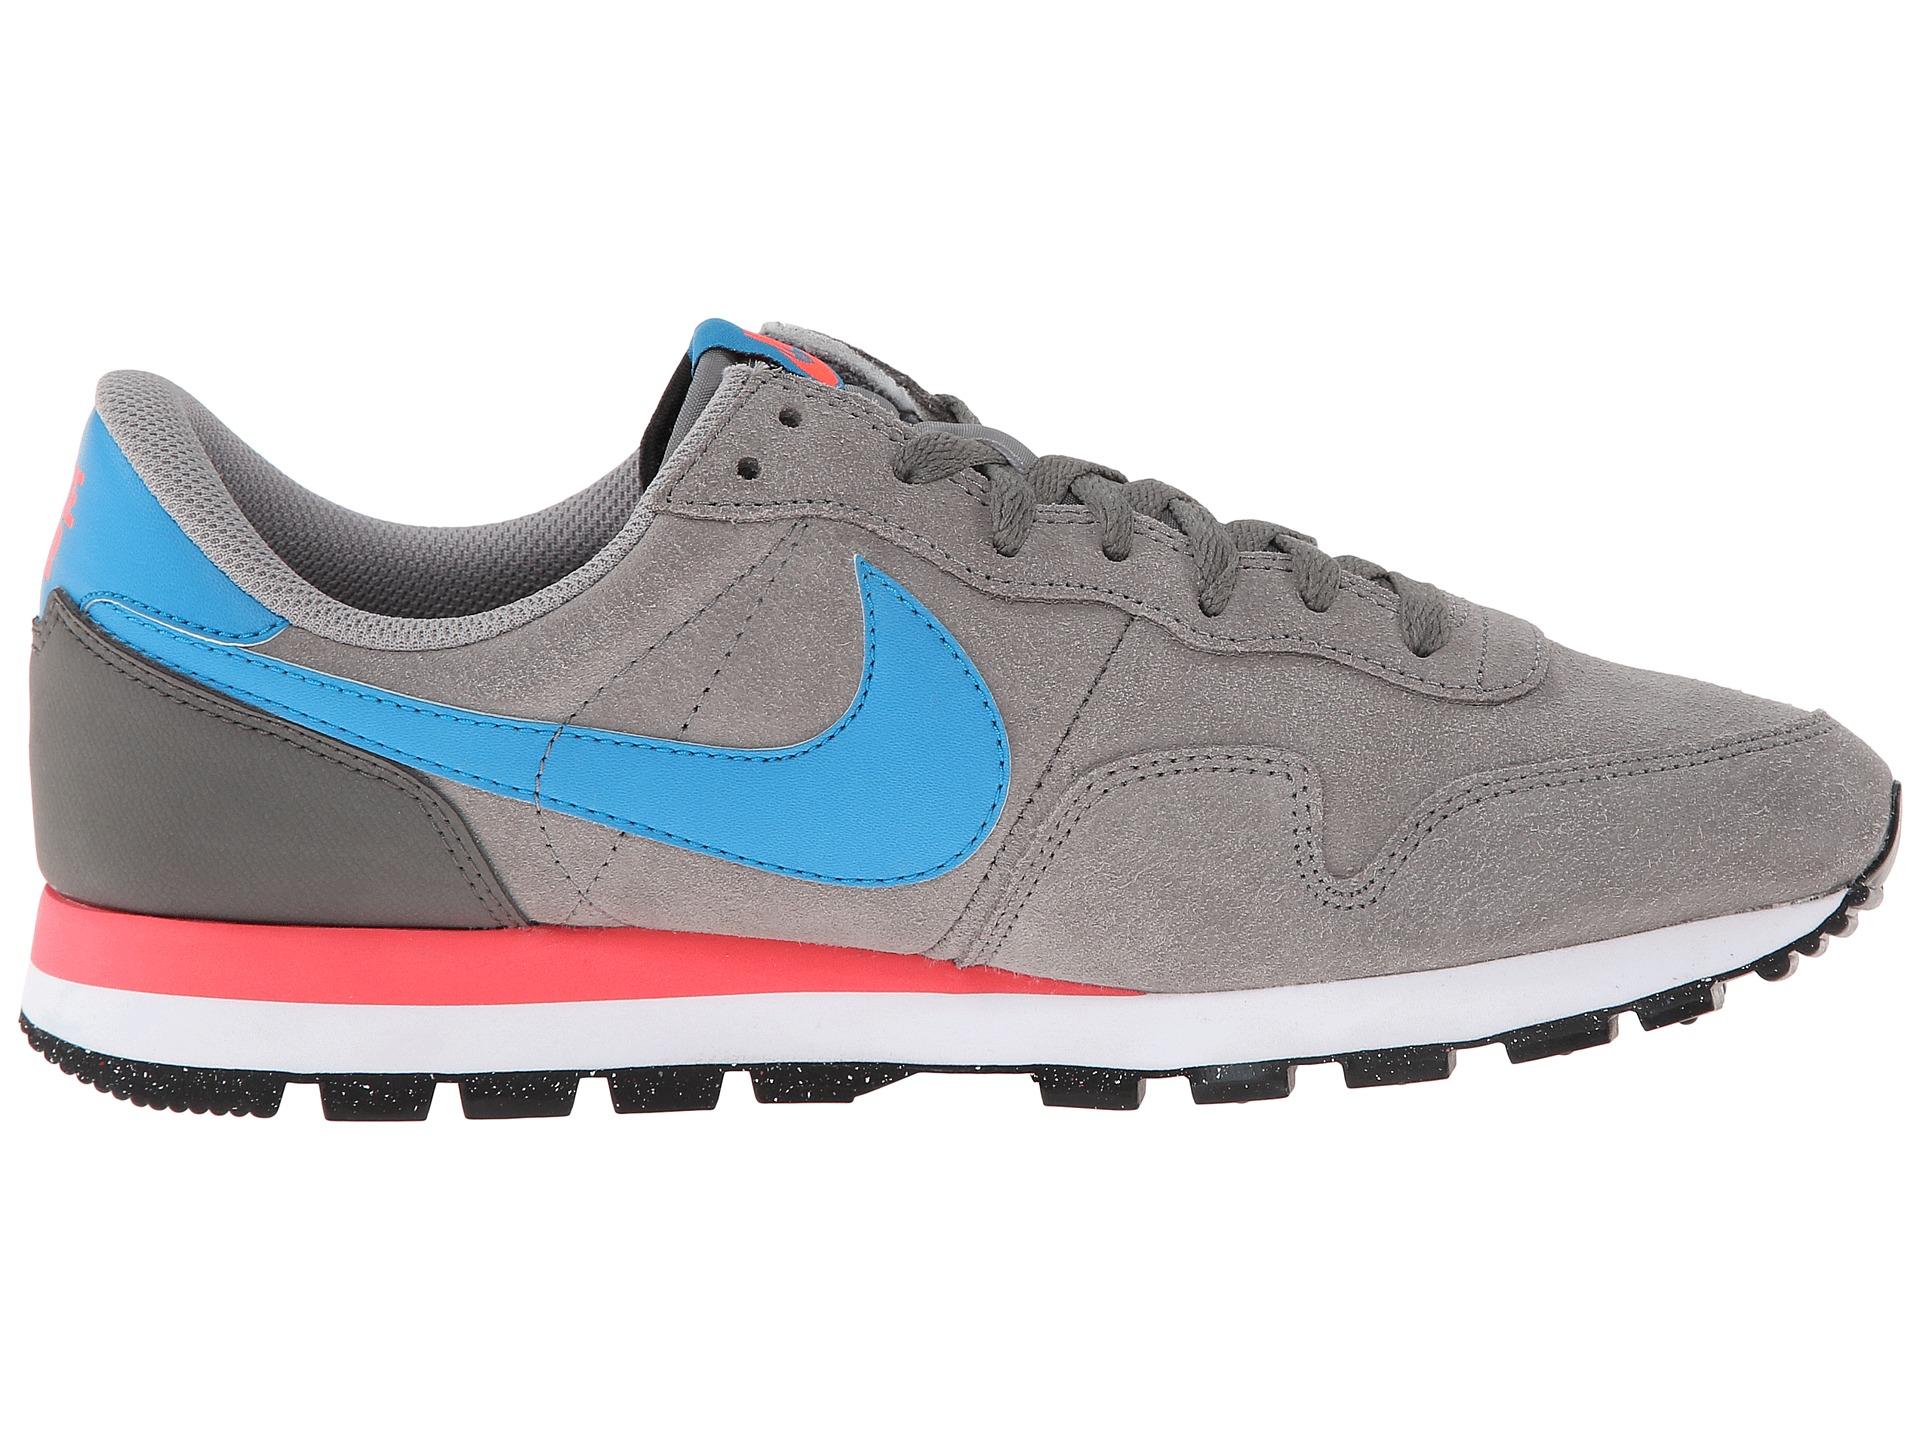 best website aa246 eaf05 Nike Free 5.0 Flyknit Damskie Sharpie Tie Dye Shoes